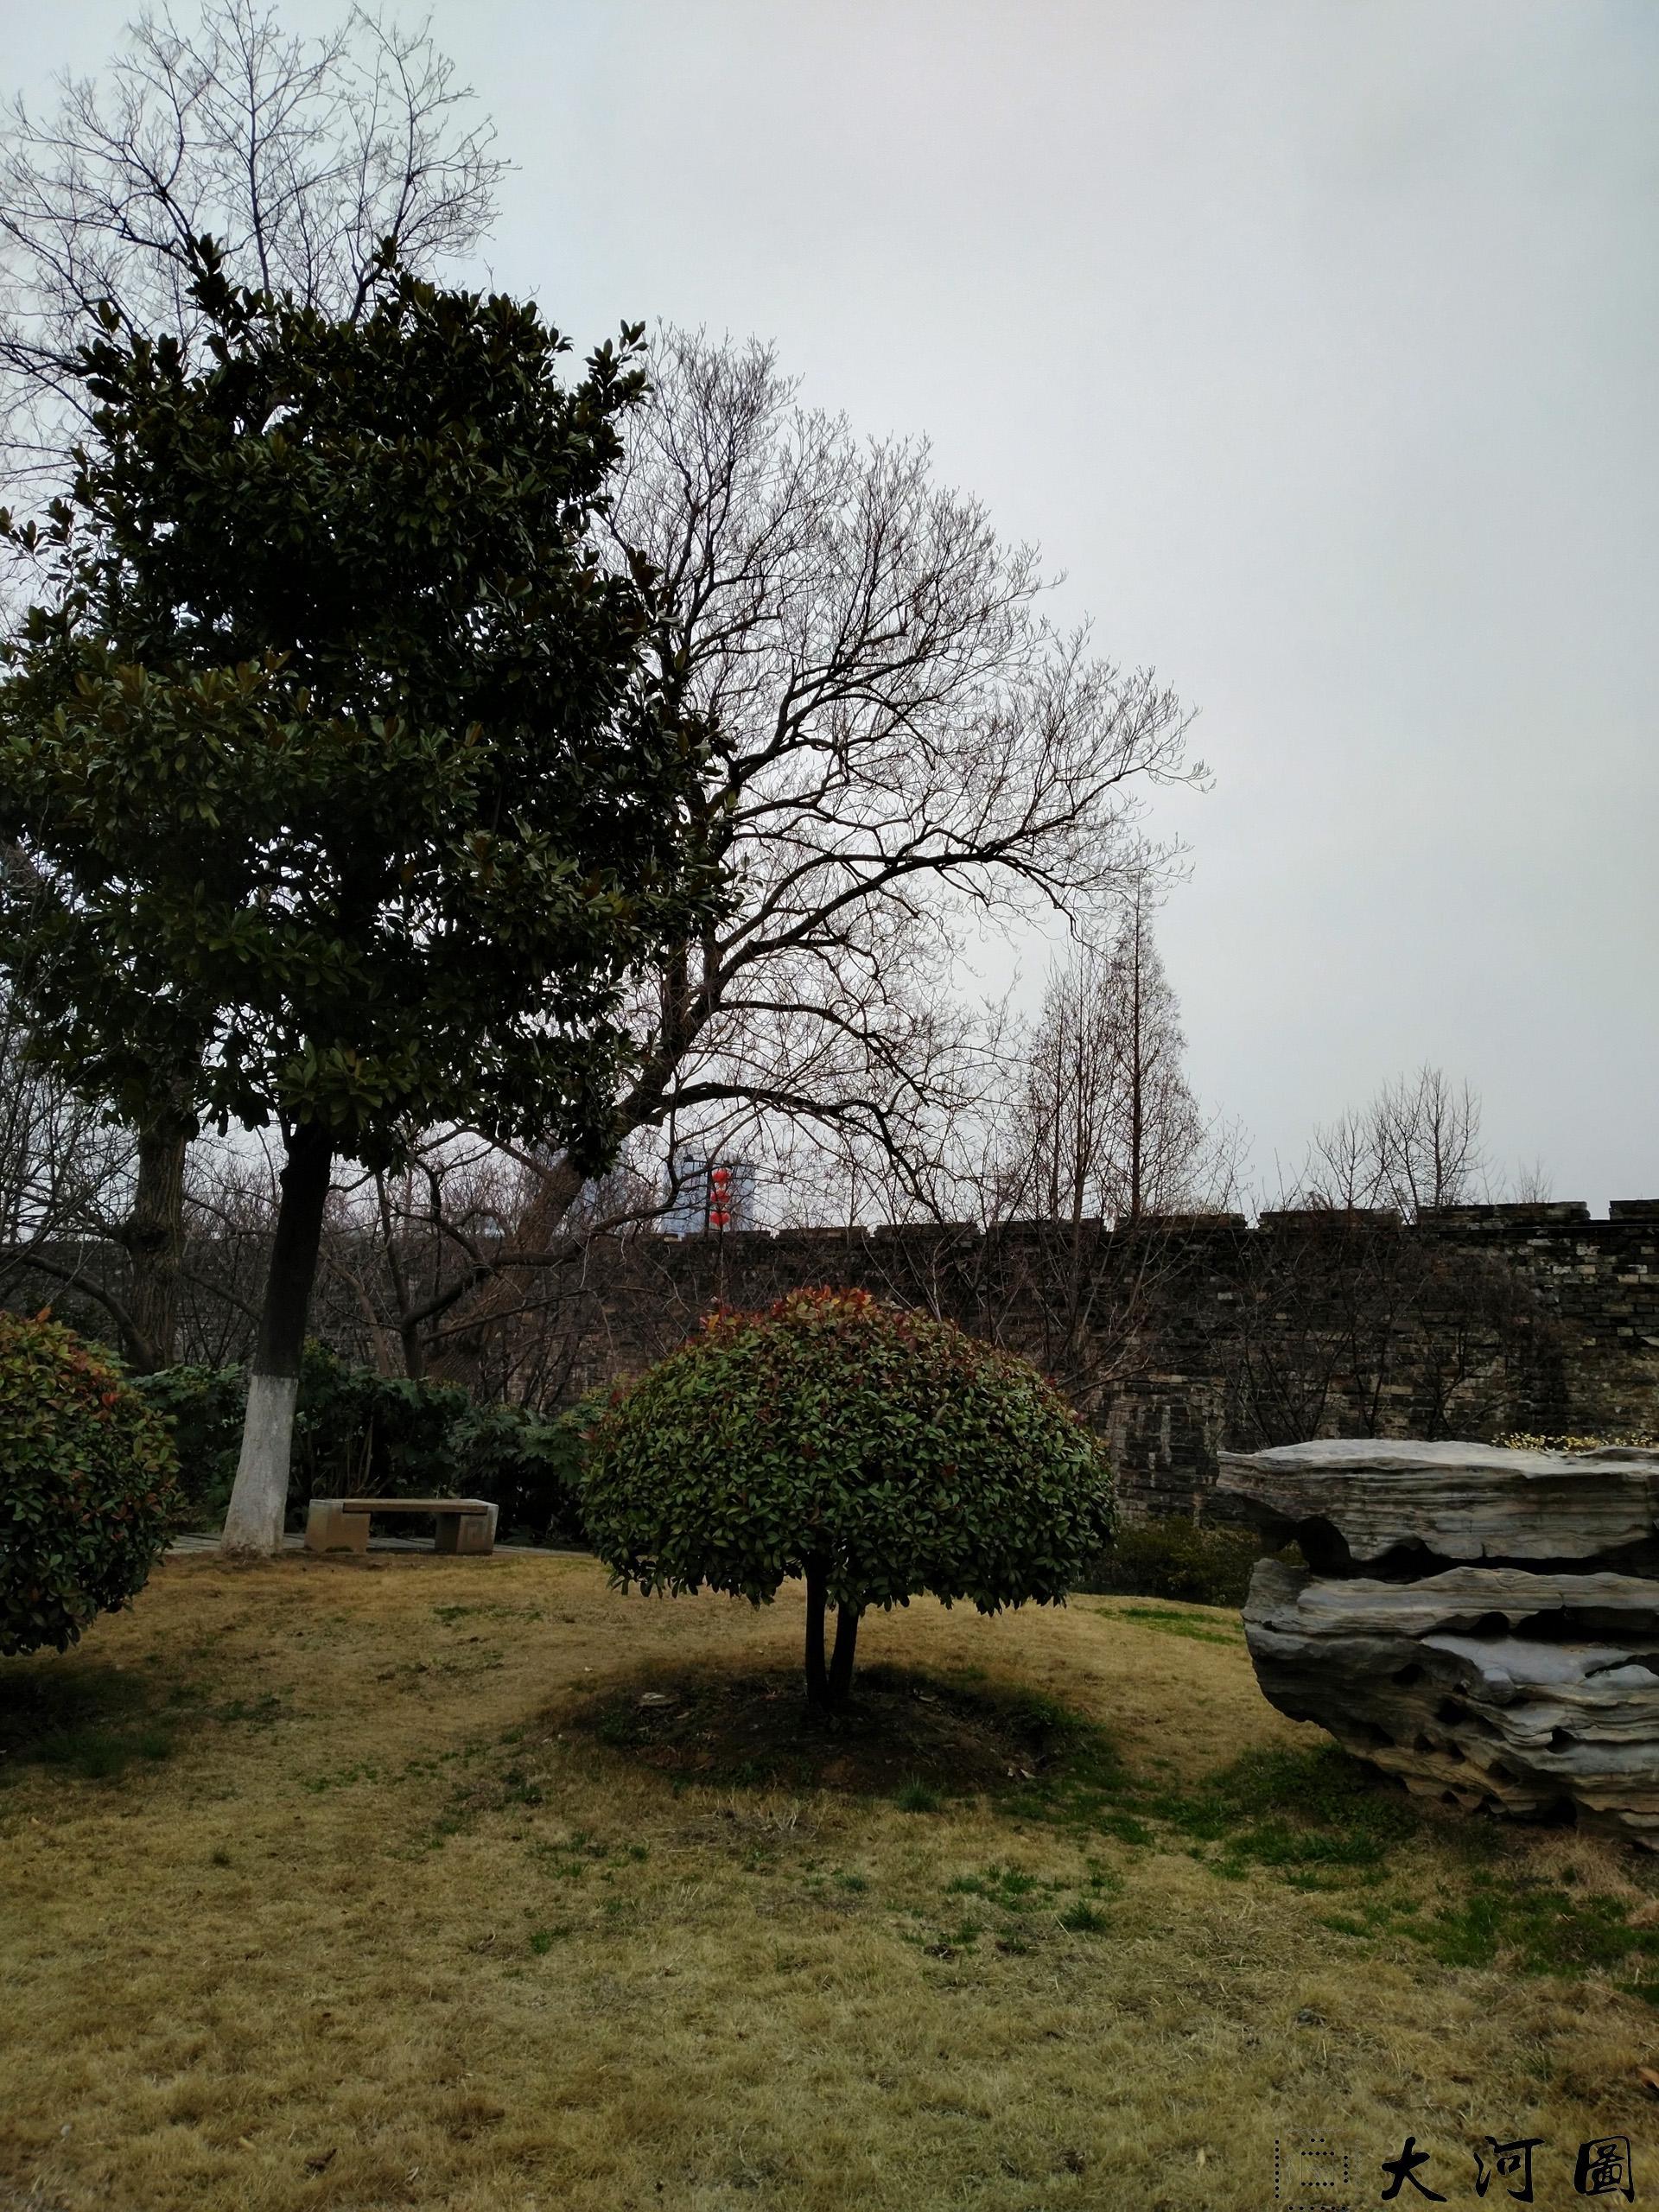 2019年3月的南京玄武湖公园之旅 摄影 第26张